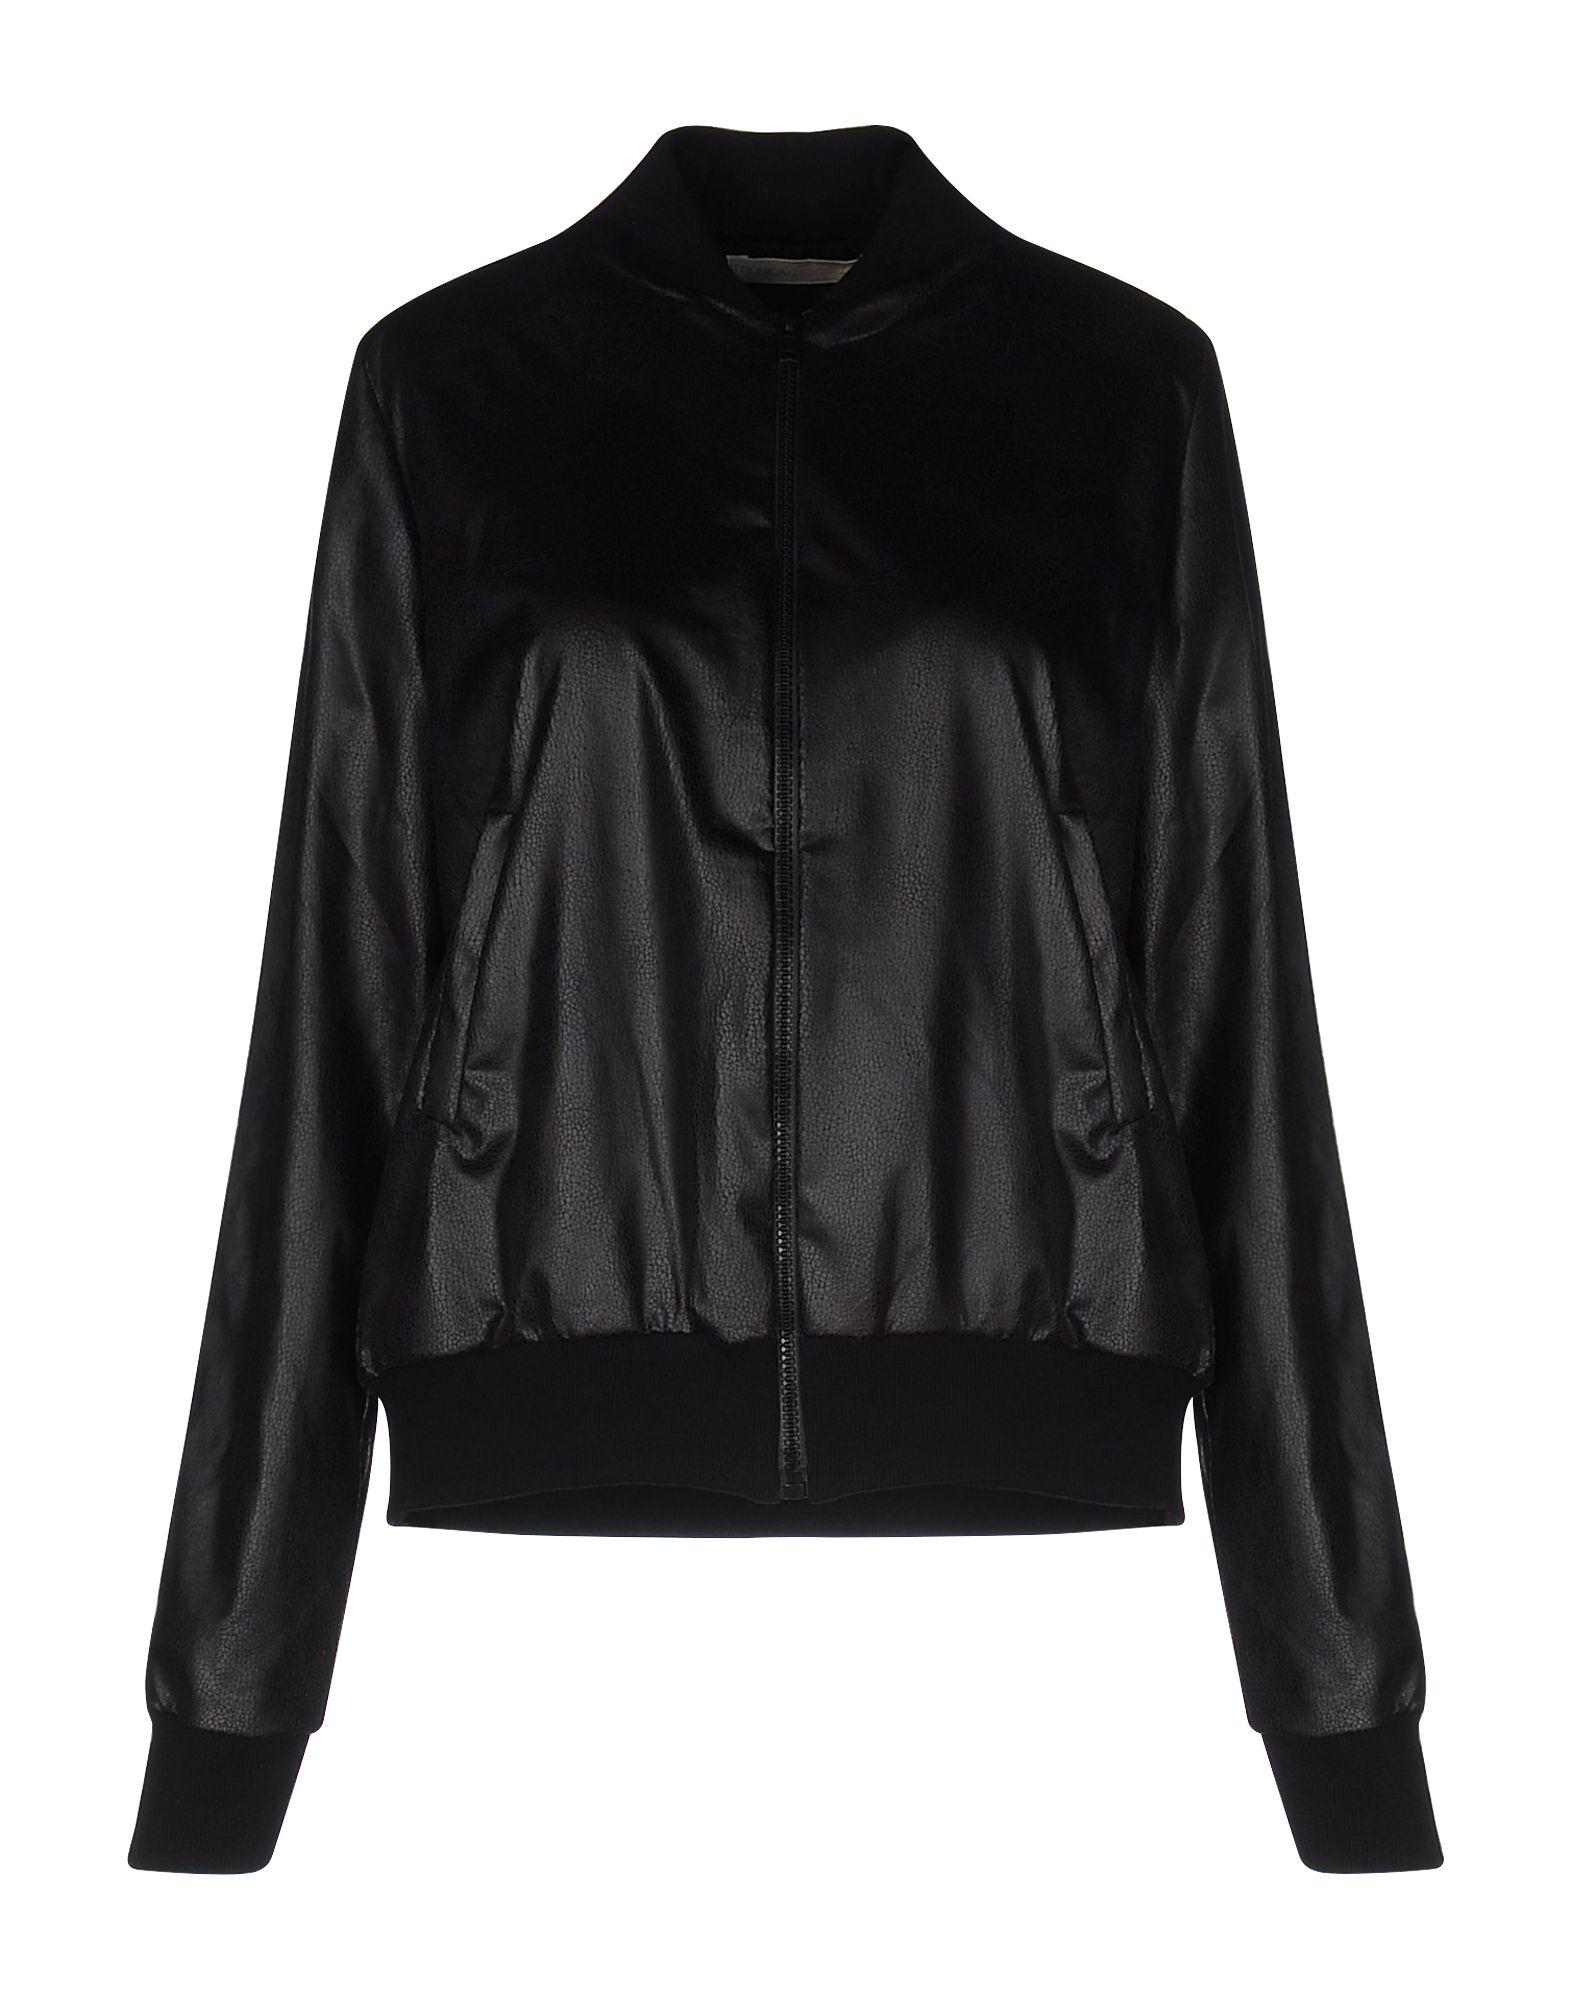 a89b243d0 MONICA •LENDINEZ Jacket - Coats & Jackets | YOOX.COM